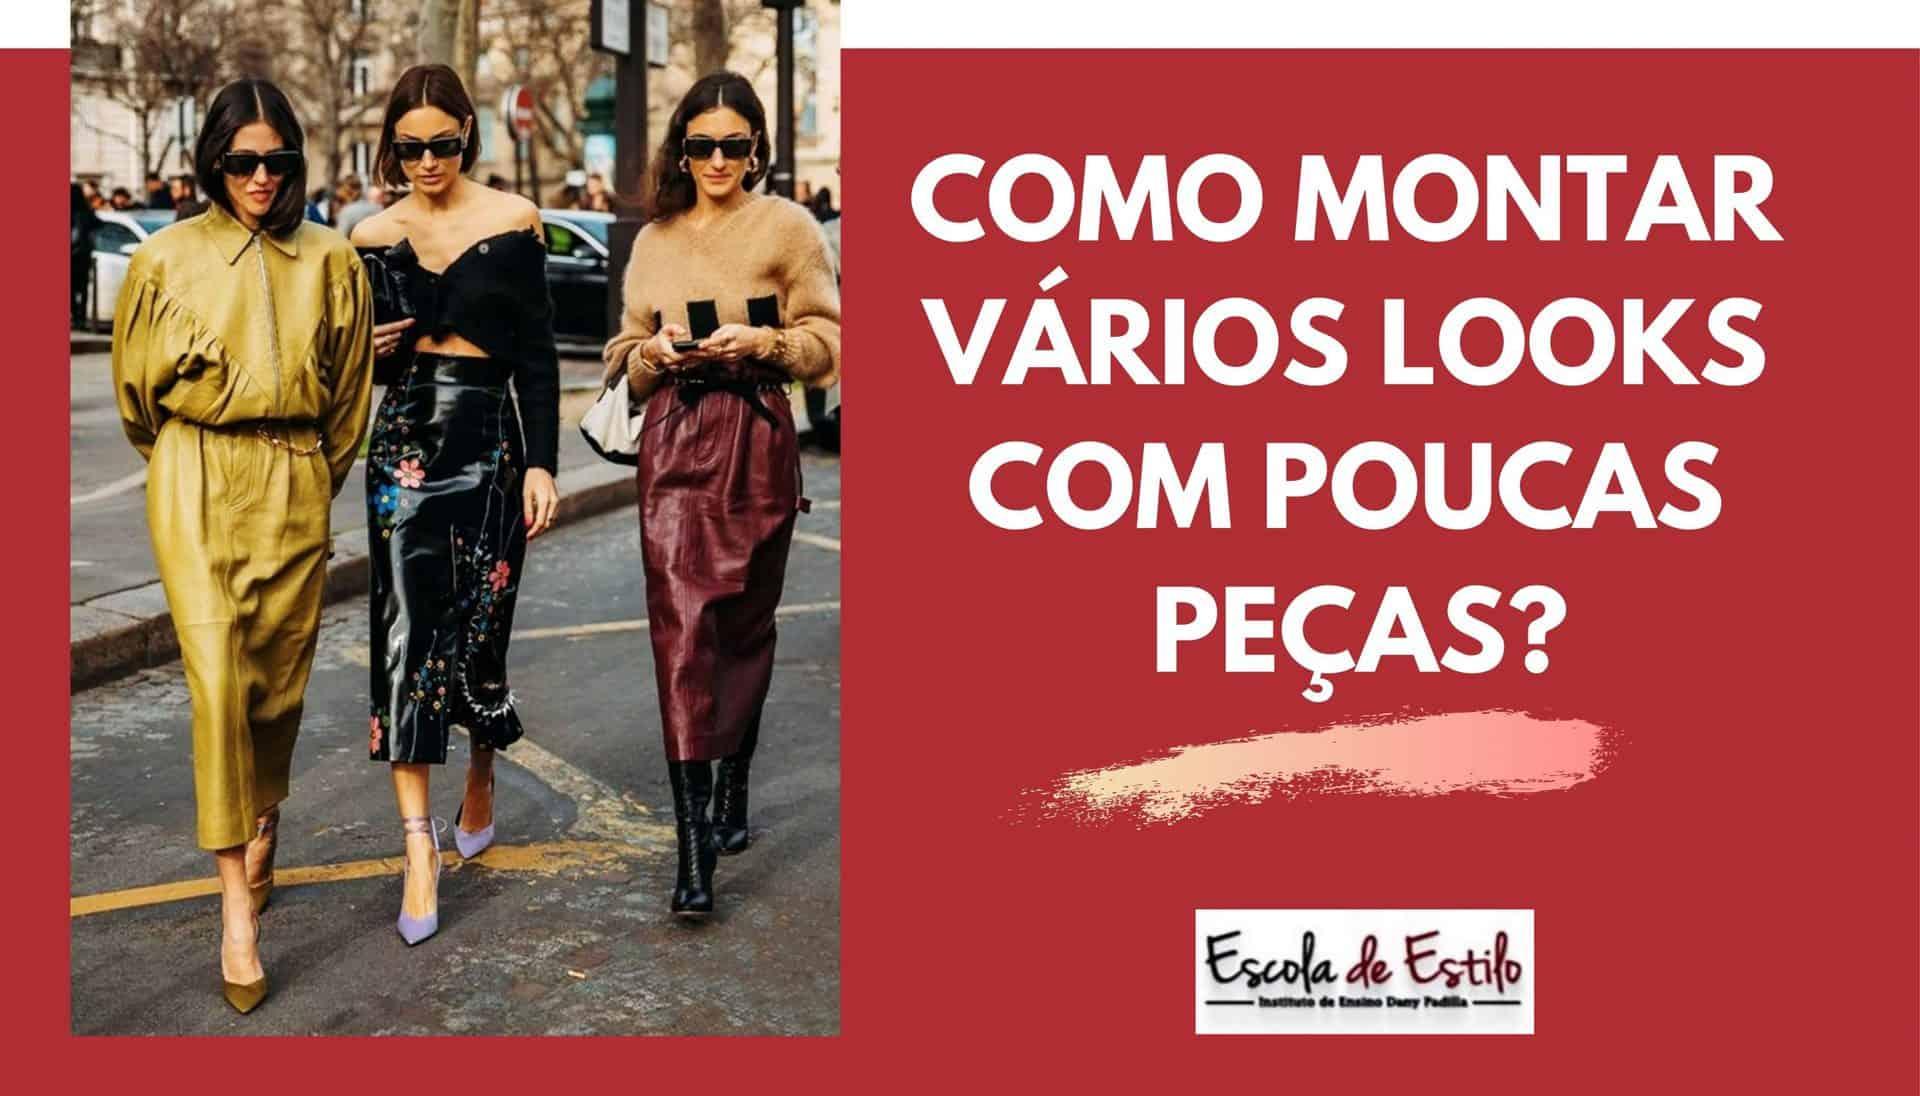 COMO MONTAR VÁRIOS LOOKS COM POUCAS PEÇAS